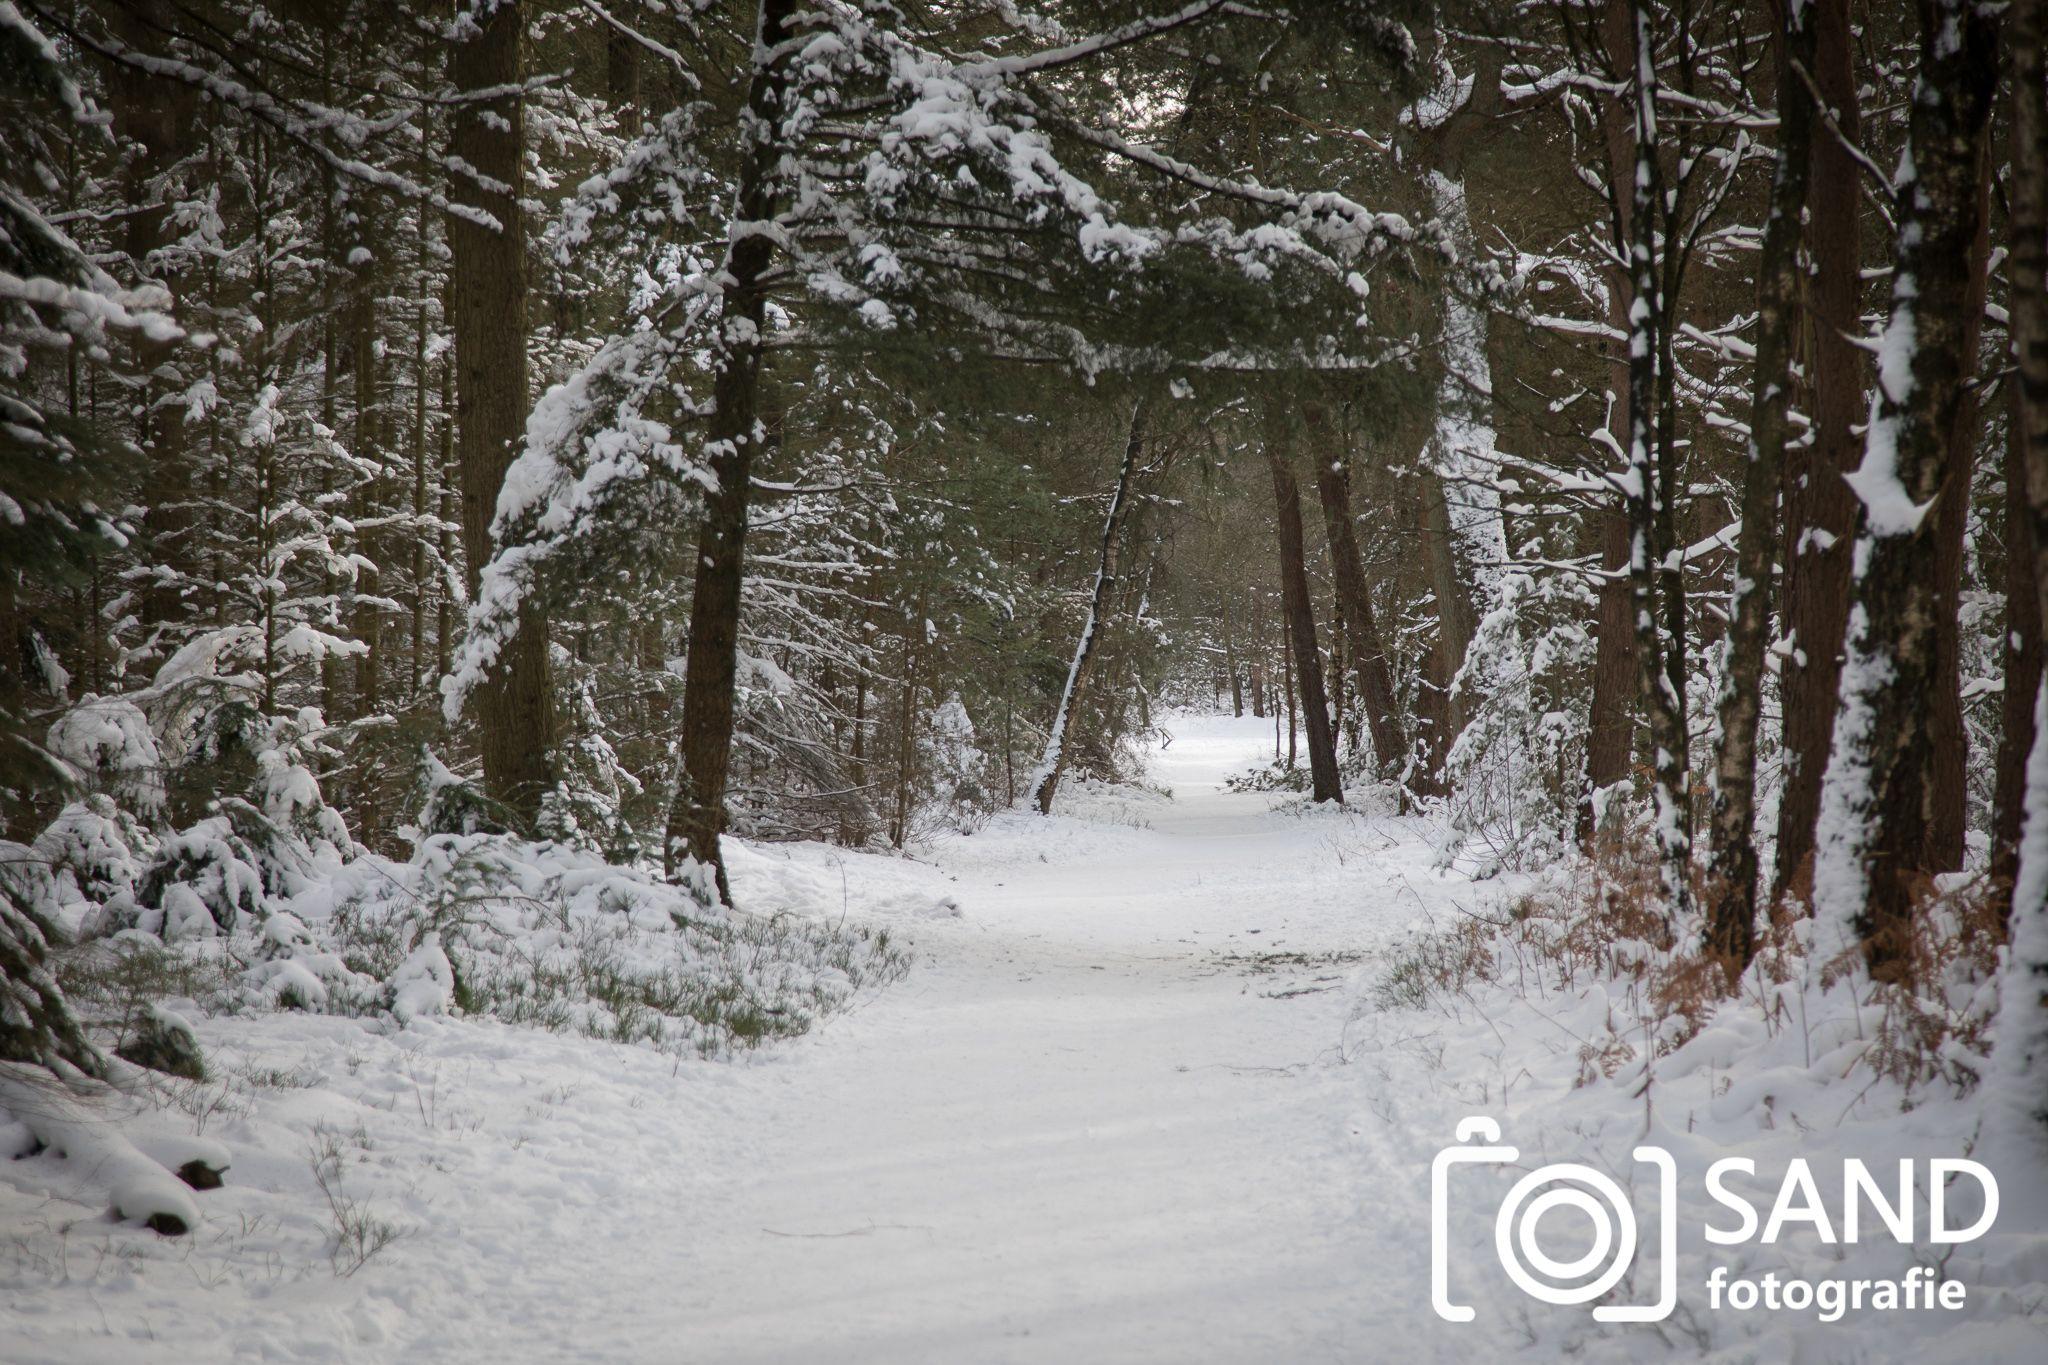 Sneeuw op de Sallandse Heuvelrug Nijverdal Sand Fotografie